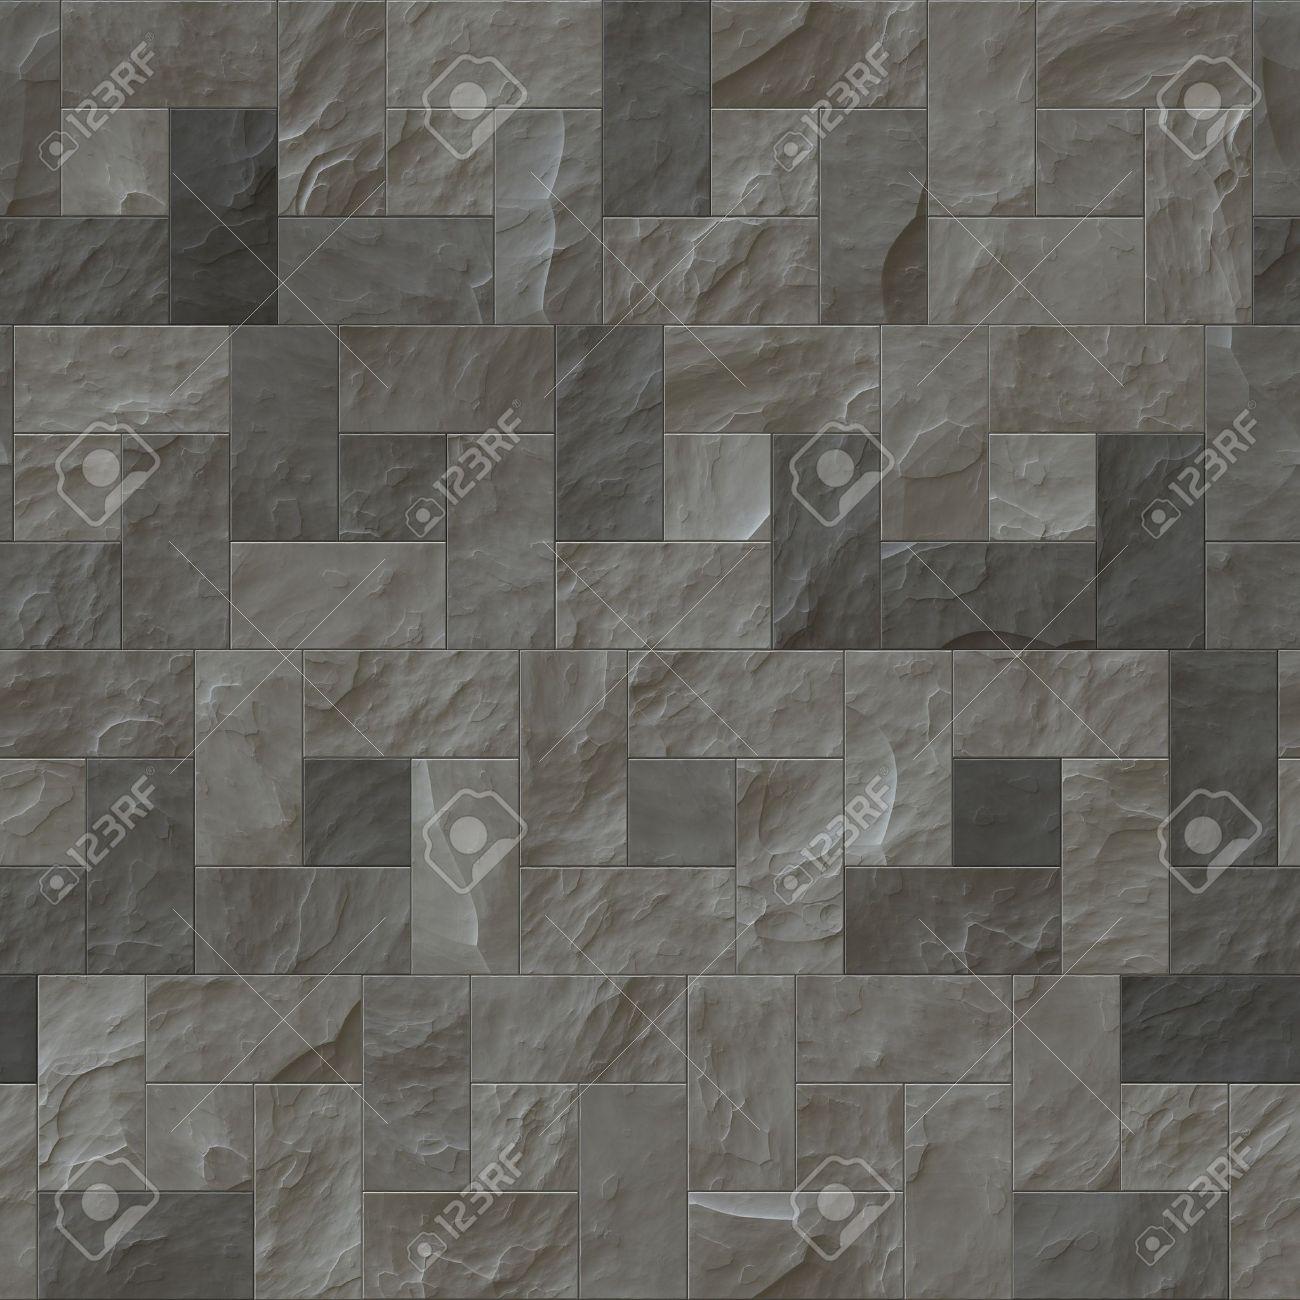 Fliesen textur grau  Eine Schöne Nahtlose-grau-Schiefer Bodenbelag Textur-Hintergrund ...